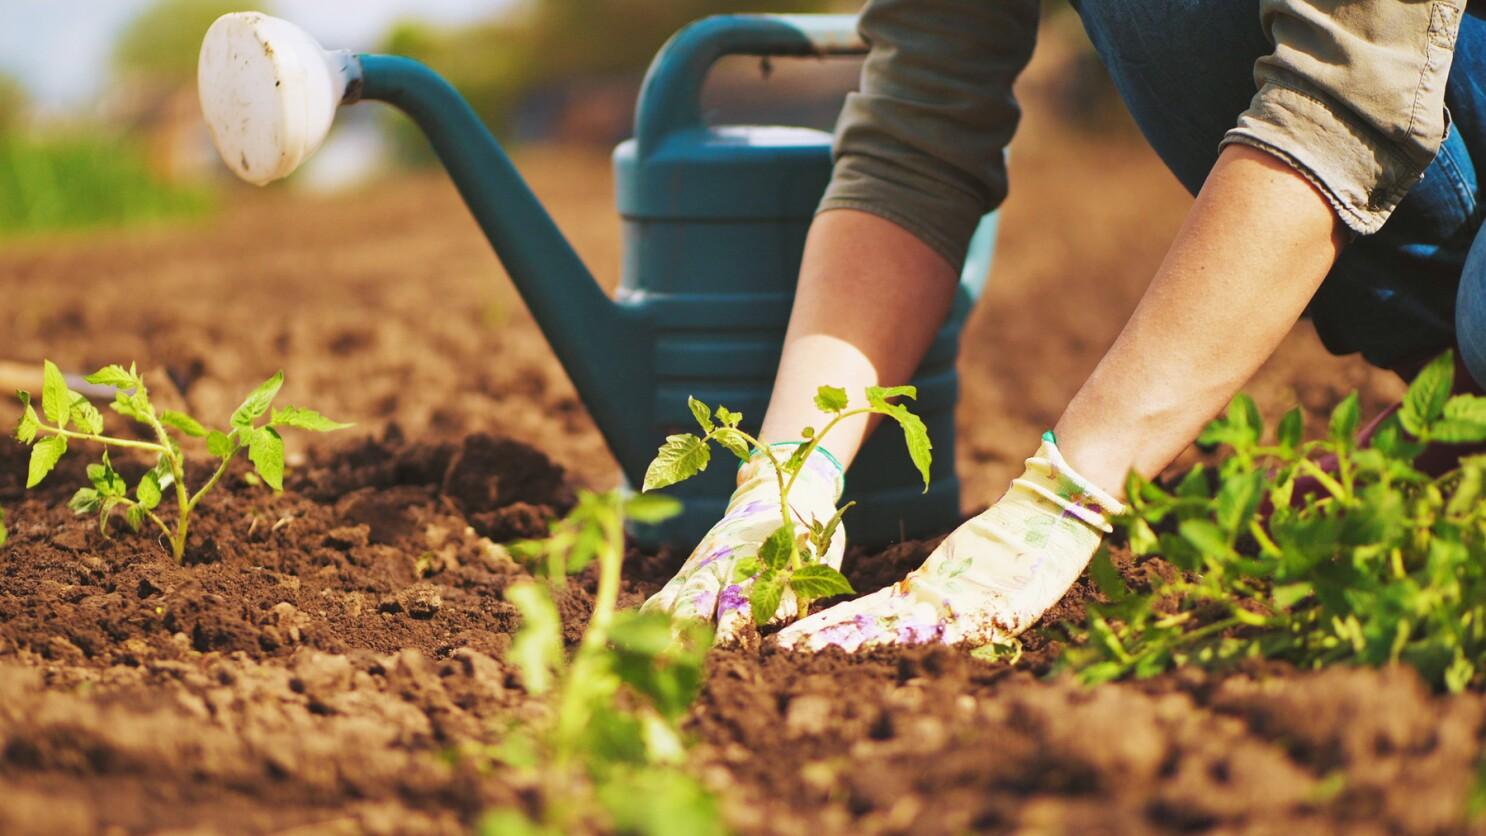 Gardening: Why I garden - Pomerado News